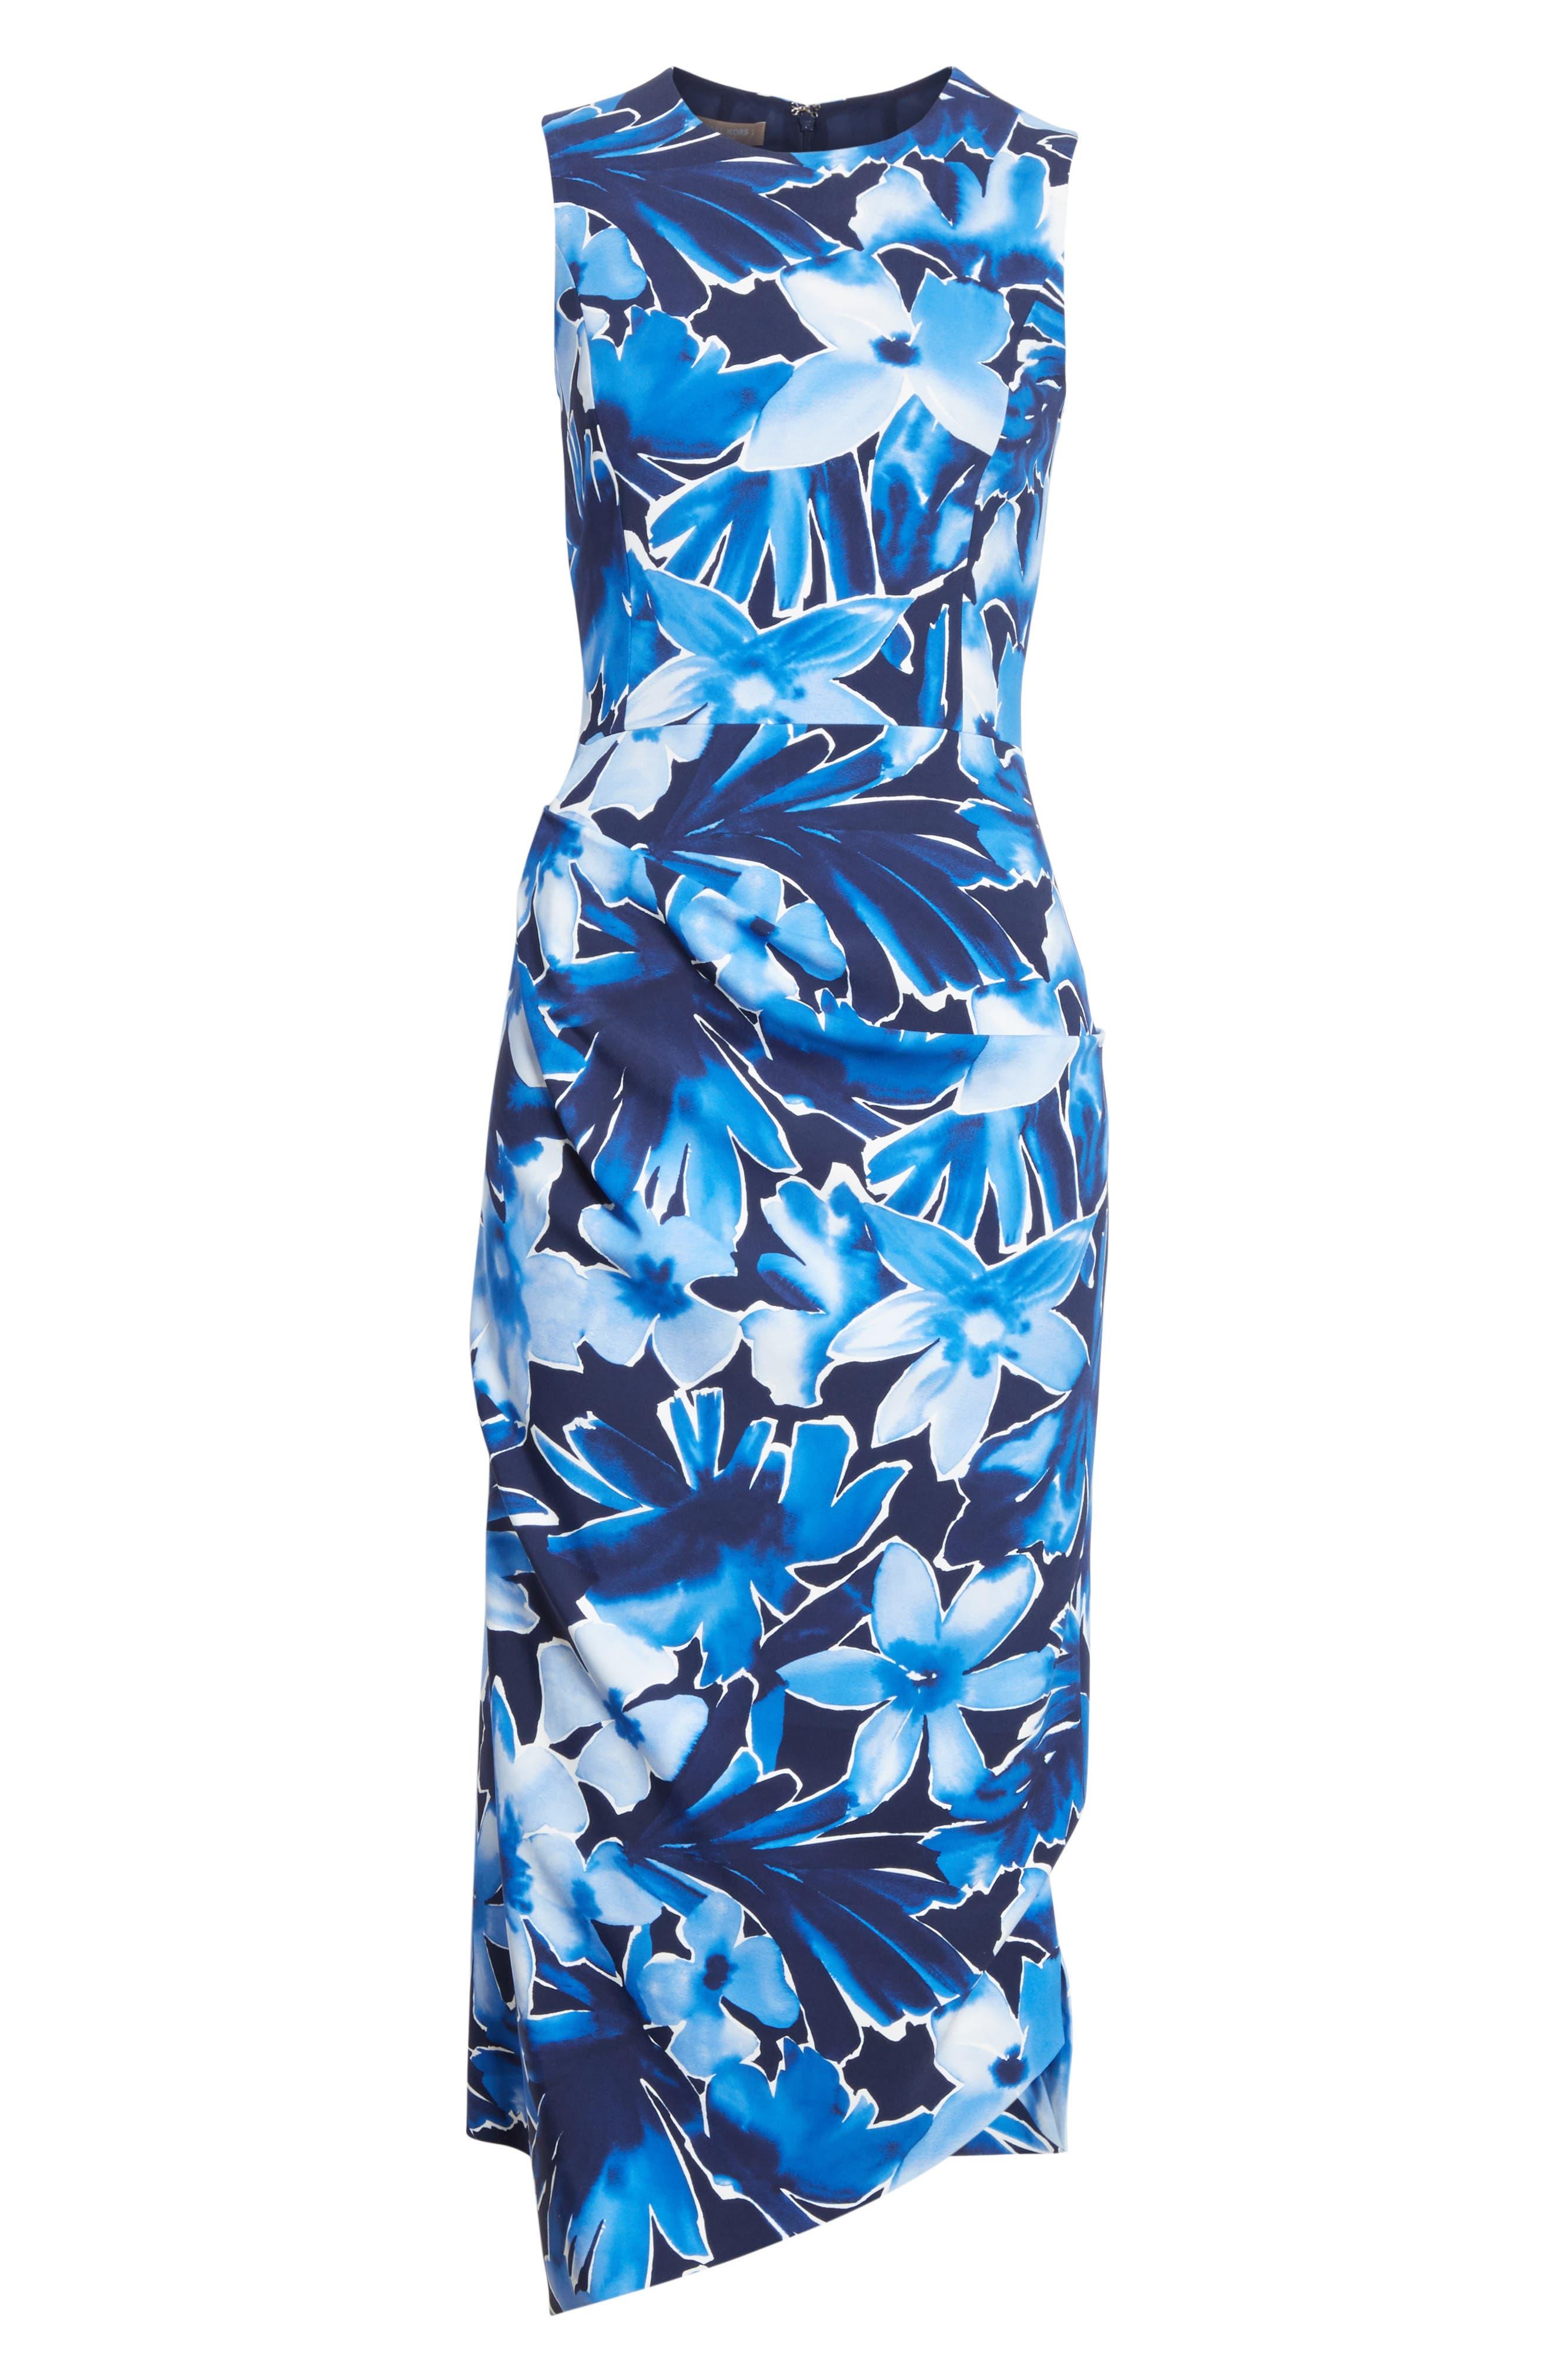 Draped Floral Print Sheath Dress,                             Alternate thumbnail 6, color,                             478